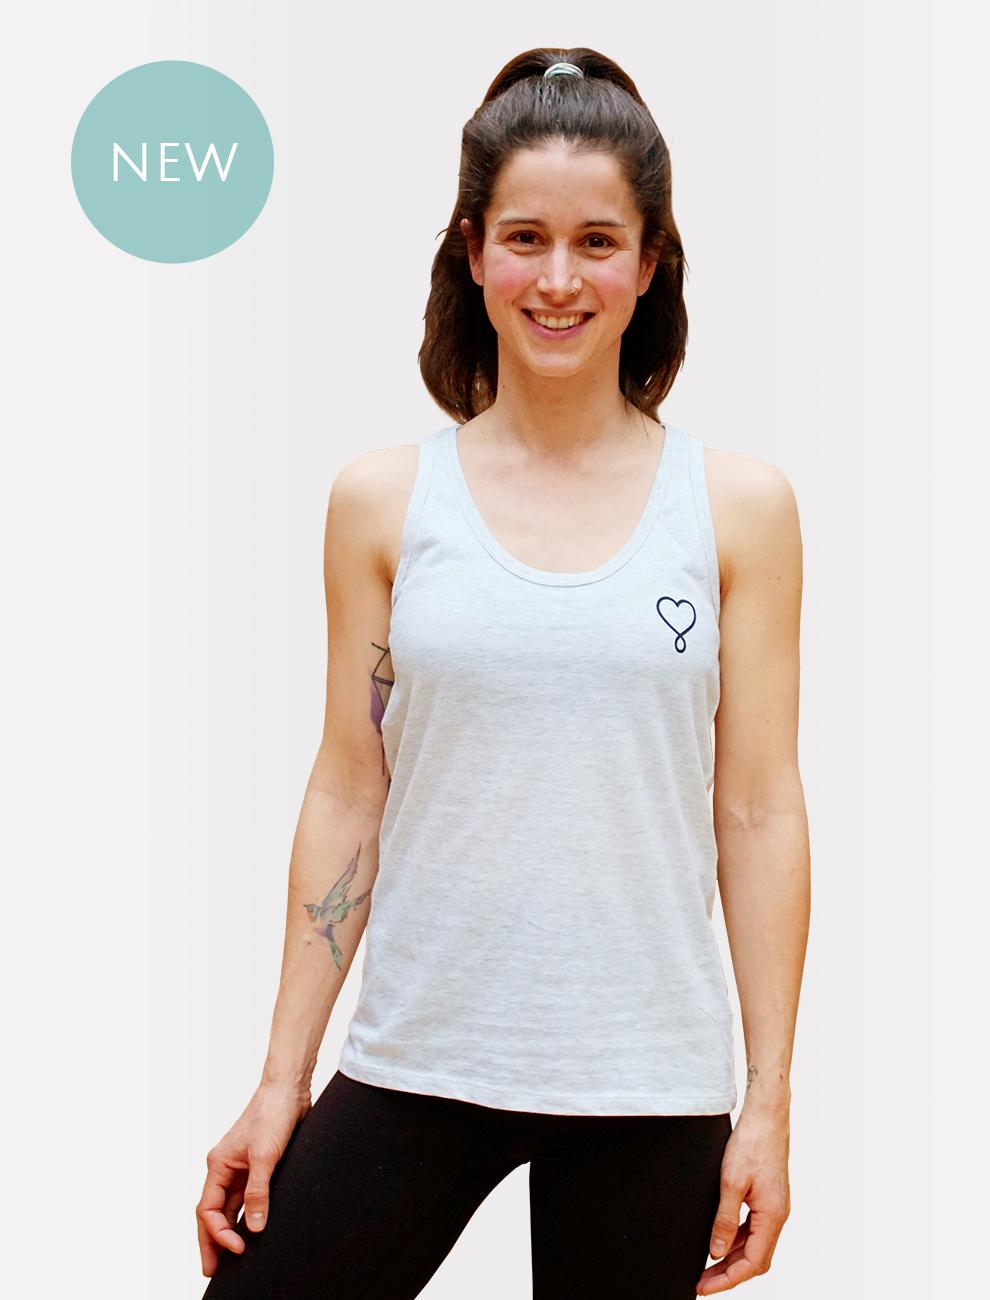 shirt_home_pre_08_new